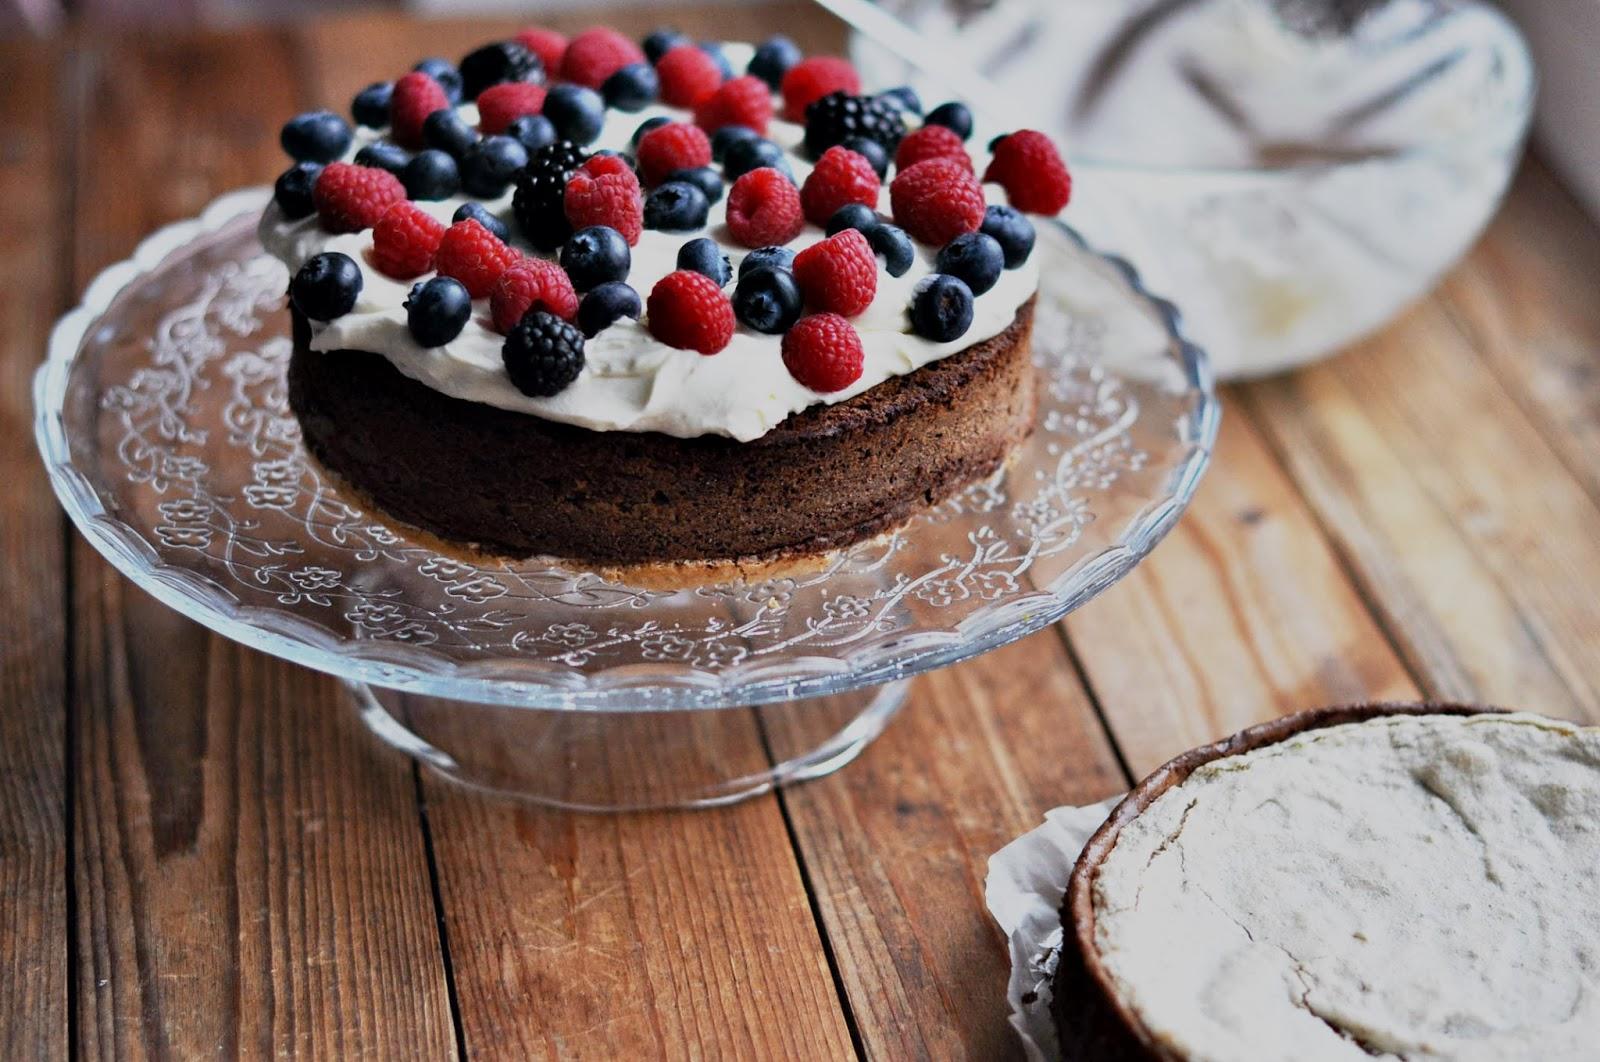 Шоколадный бисквит, украшенный ягодами и кремом